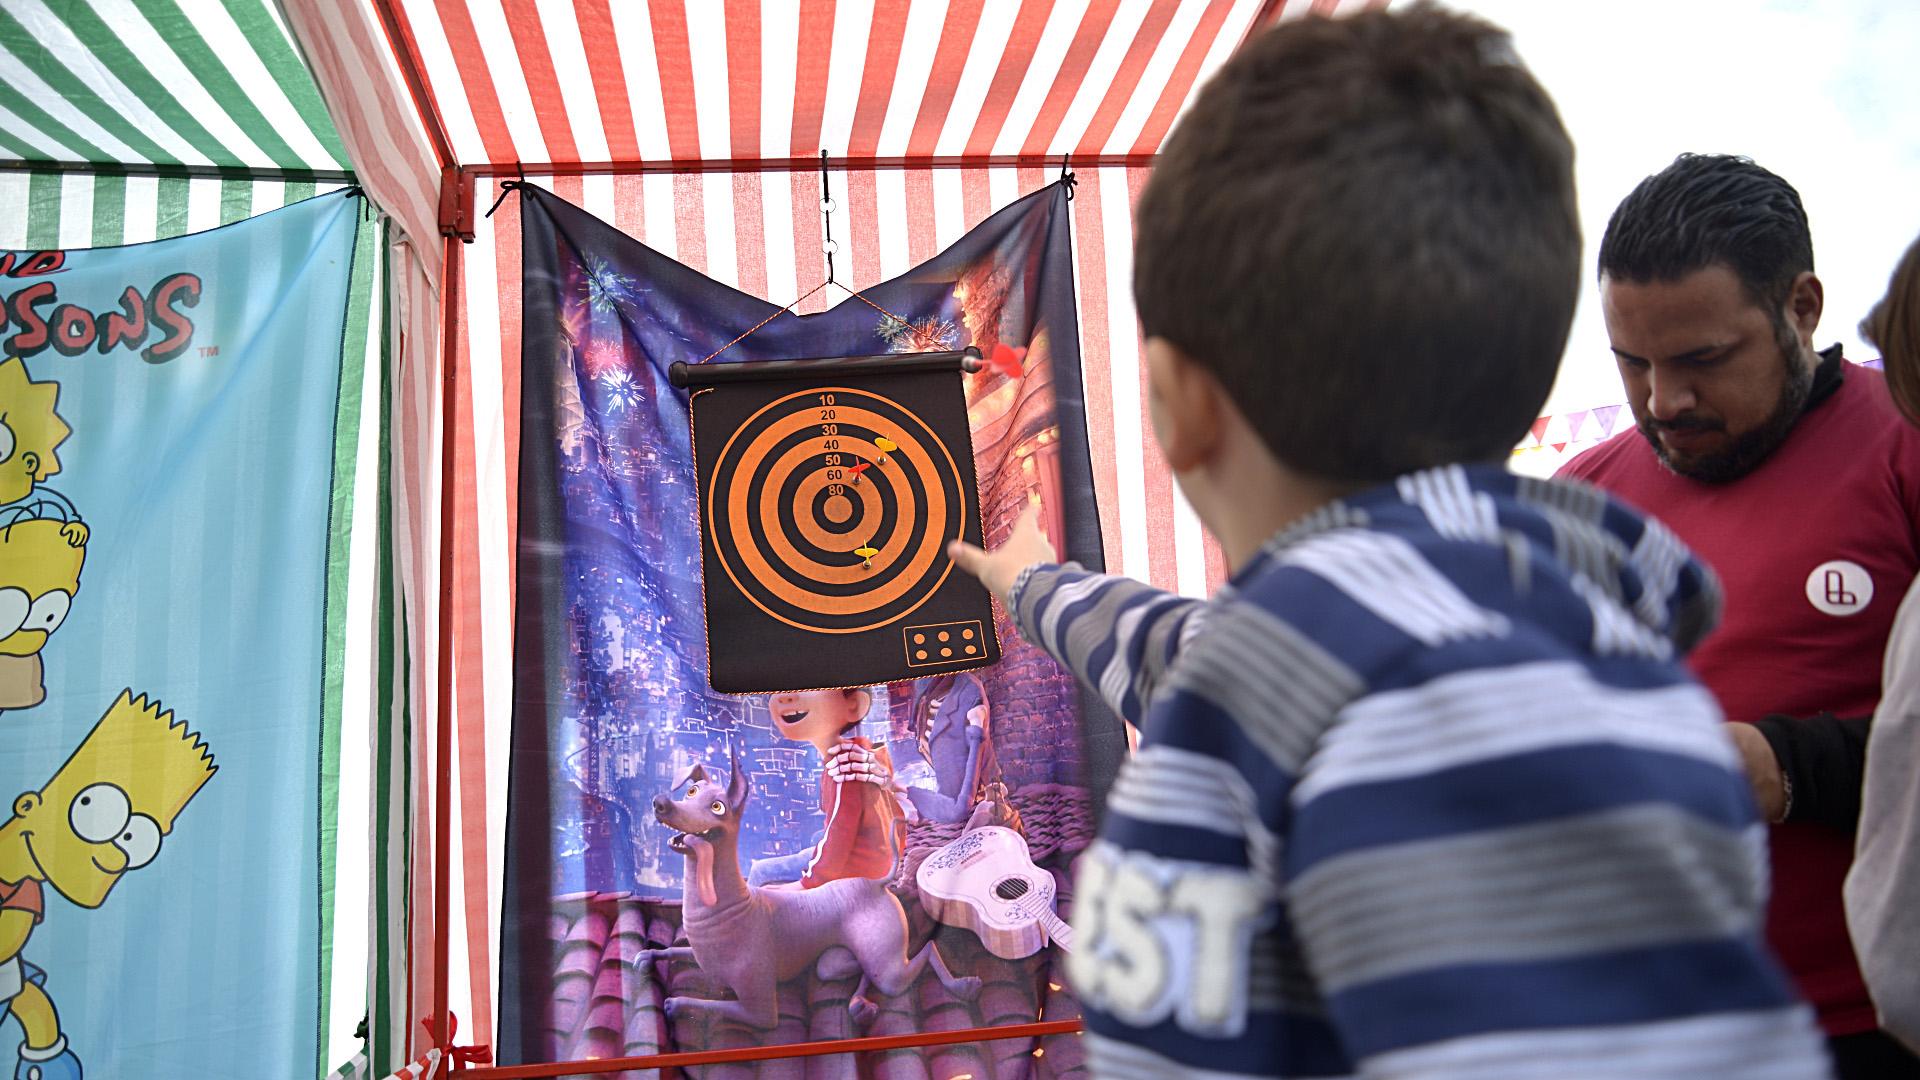 Los chicos pudieron jugar y divertirse con varias actividades recreativas que organizaron desde la revista y el municipio de Lanús